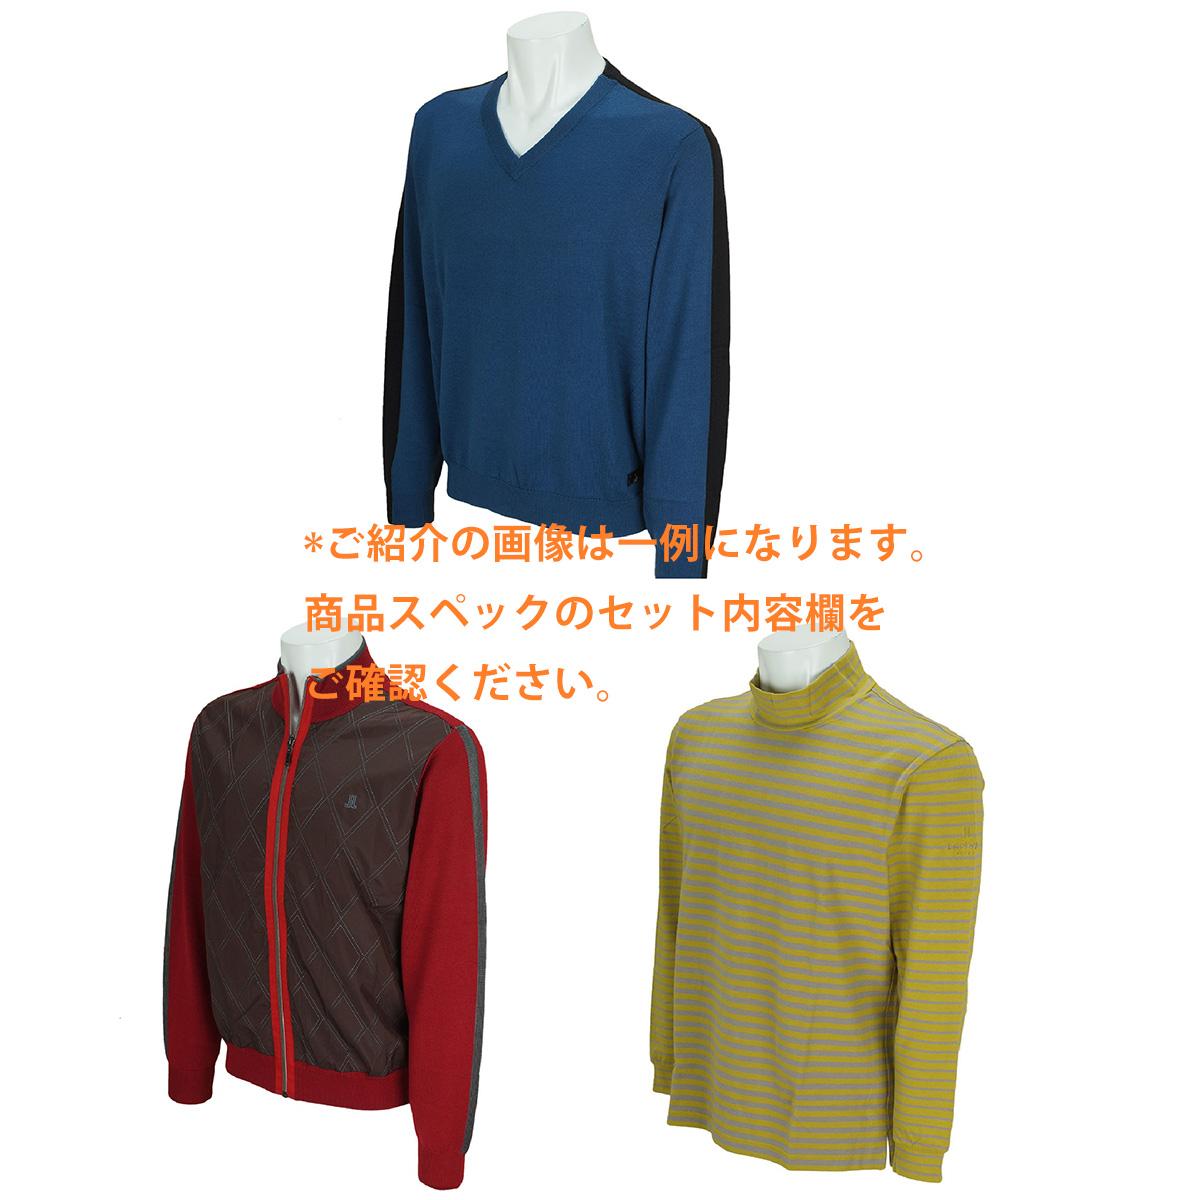 2万円お買い得セット